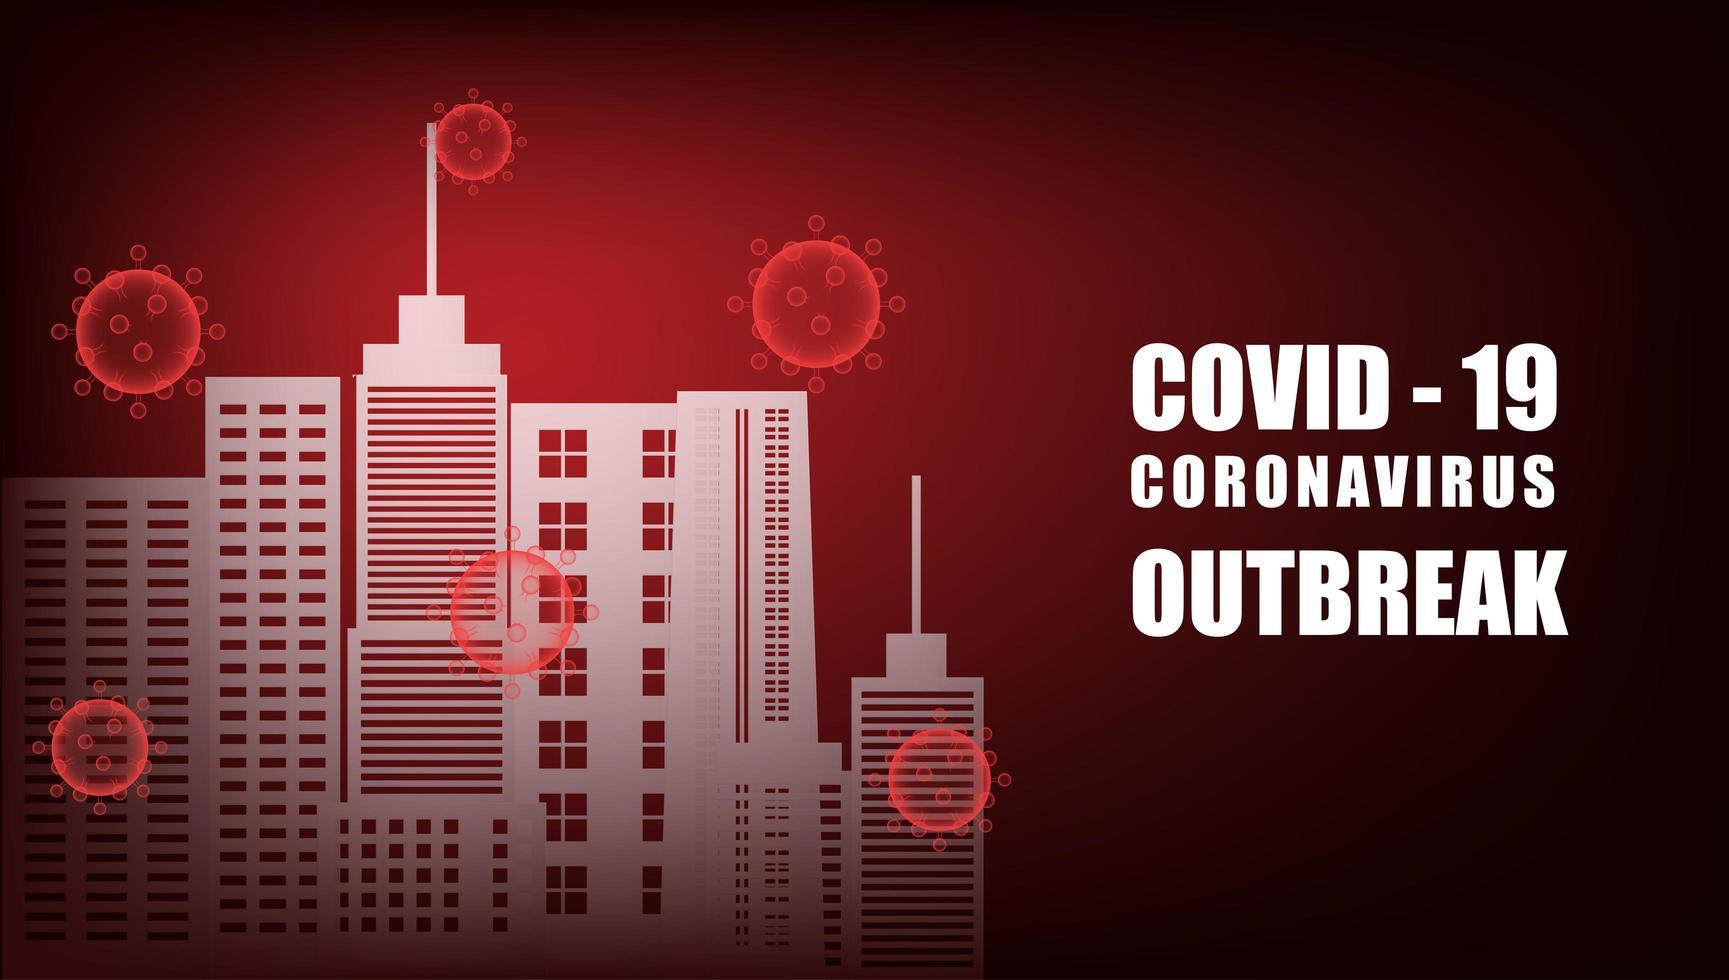 città circondata da cellule rosse di coronavirus sul gradiente rosso vettore